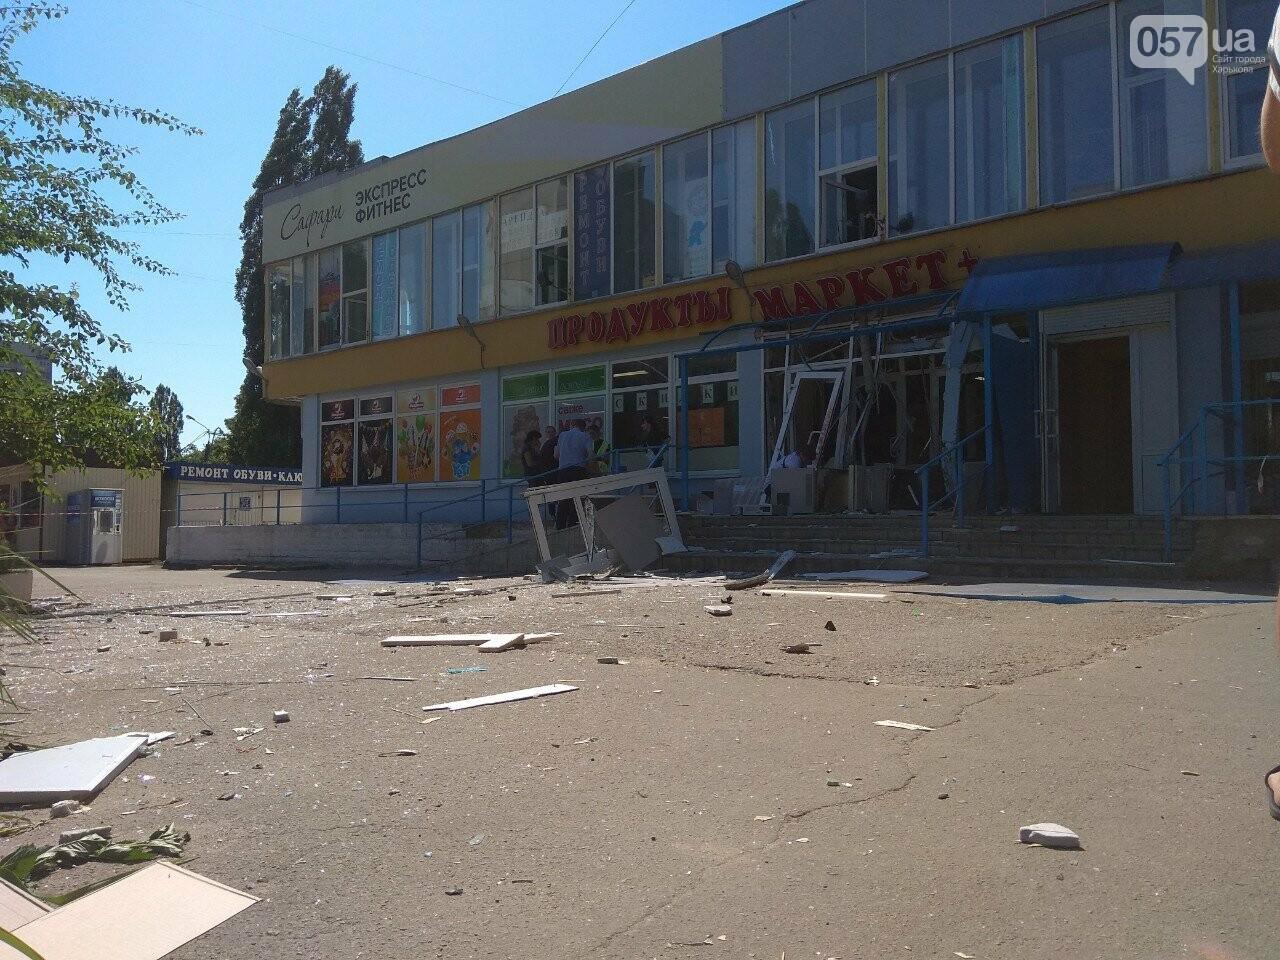 Взрыв банкомата на Алексеевке: неизвестные нанесли магазину убыток на 200 тысяч гривен, - ВИДЕО, фото-12